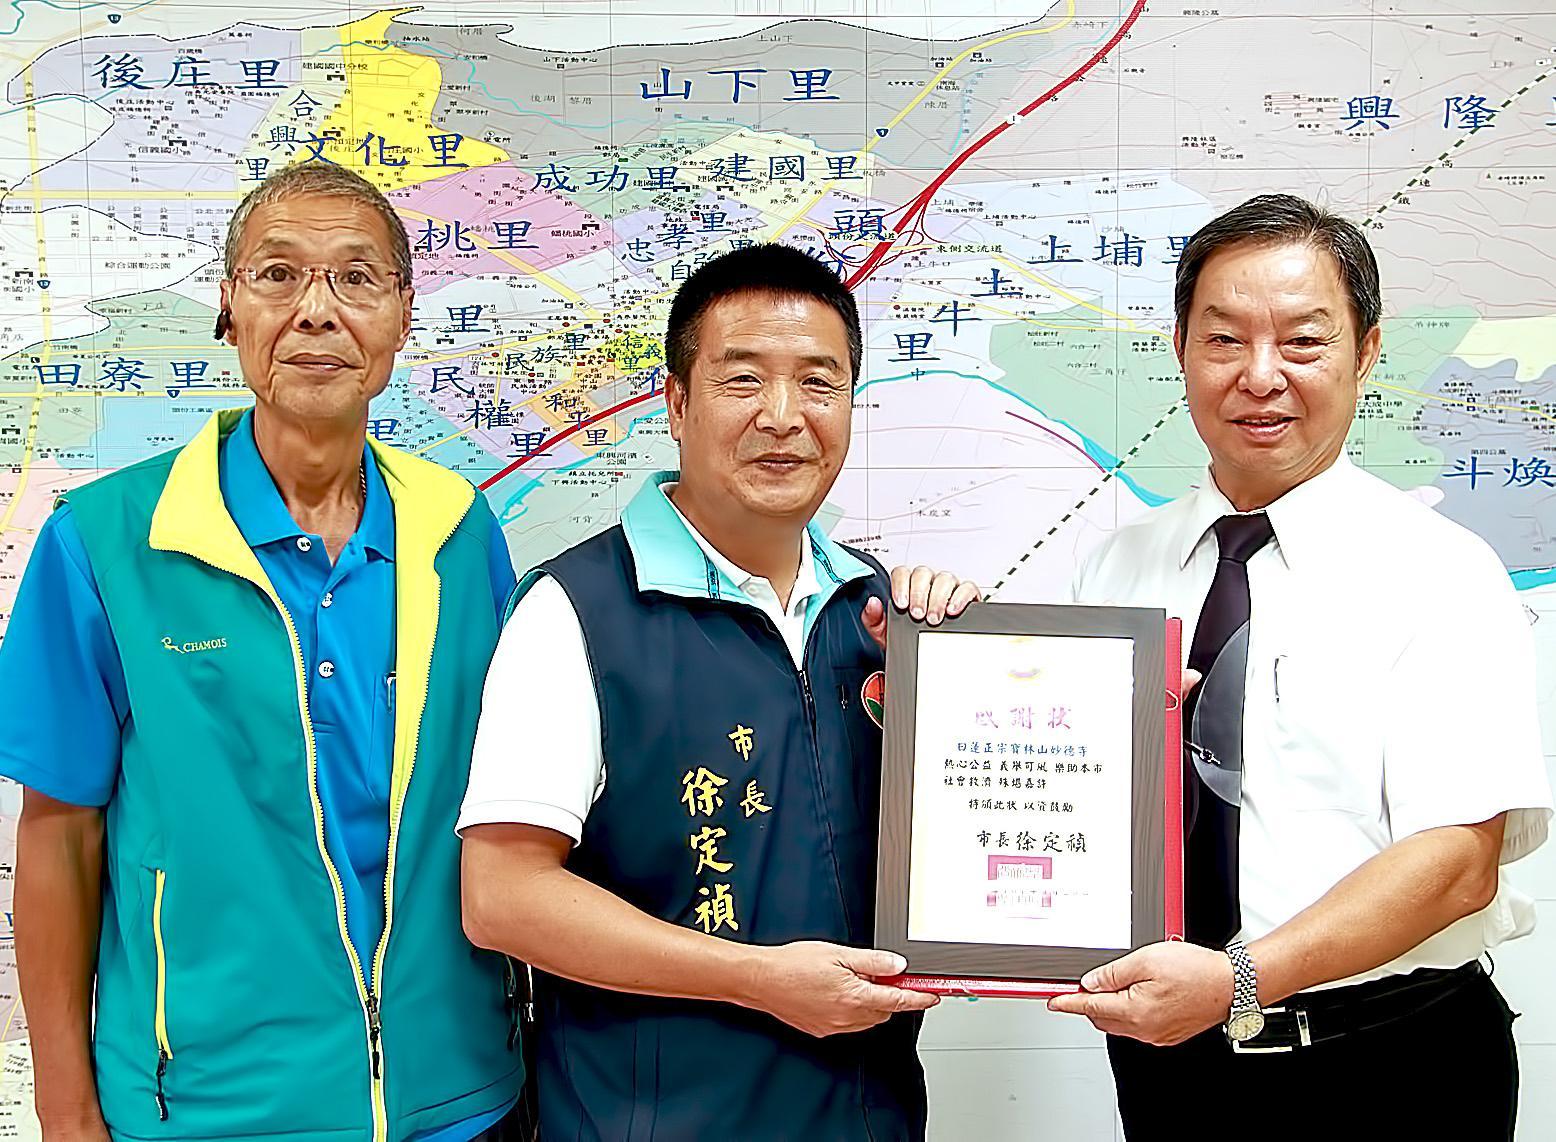 頭份市長徐定禎先生(中)頒發社福貢獻感謝狀,肯定並感謝本基金會竹苗分事務所對地方的貢獻。